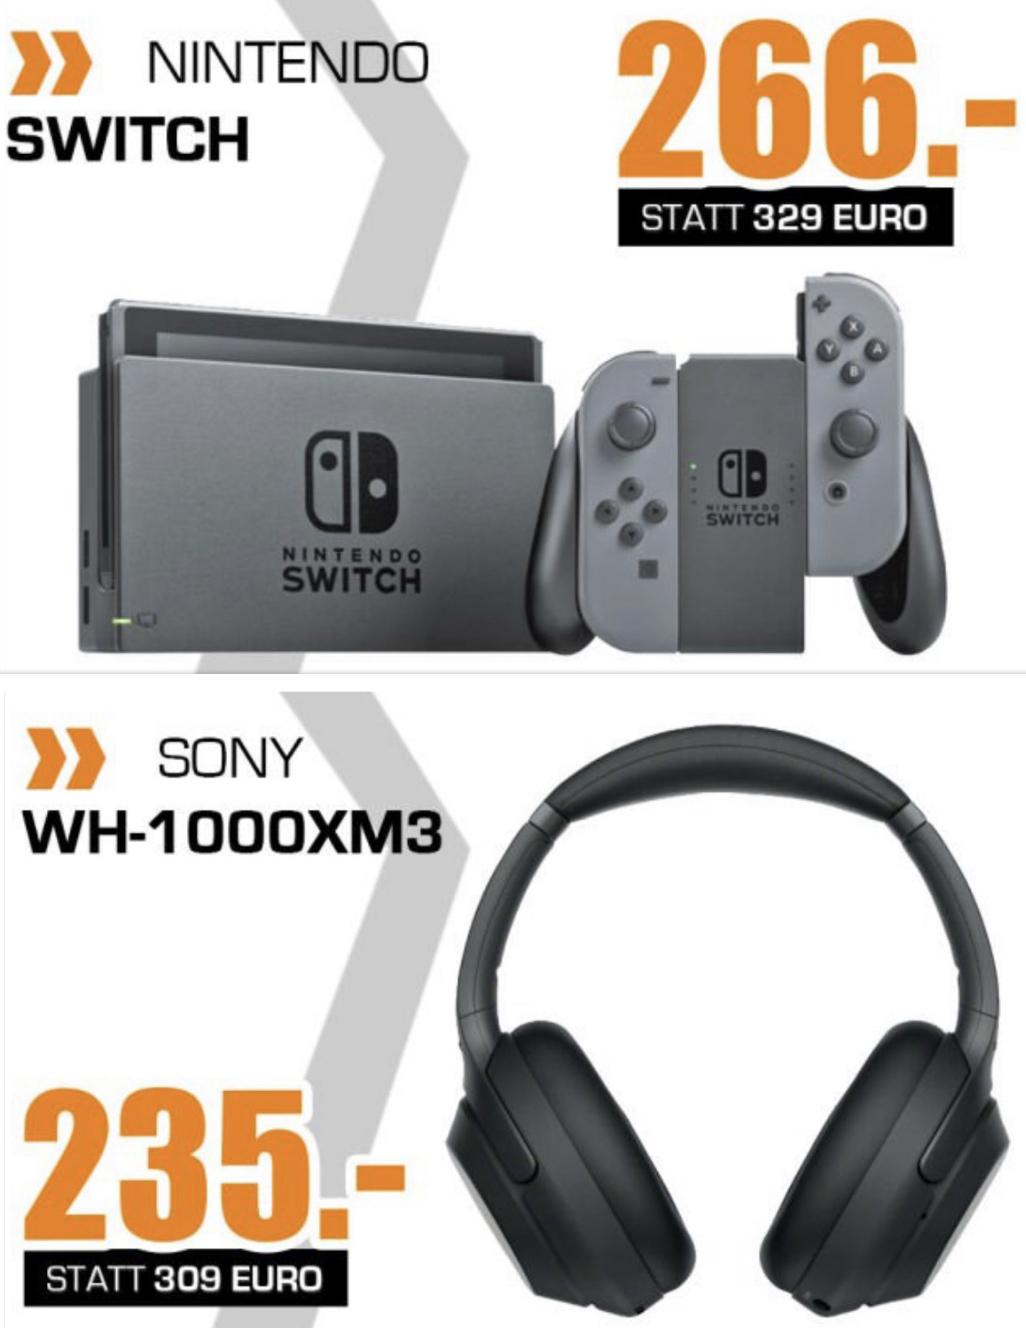 Lokal Saturn Hattingen: Sony WH-1000XM3 für 235€, Nintendo Switch für 266€, Dyson V11 für 555€ usw. - nur am Sonntag 23.06.